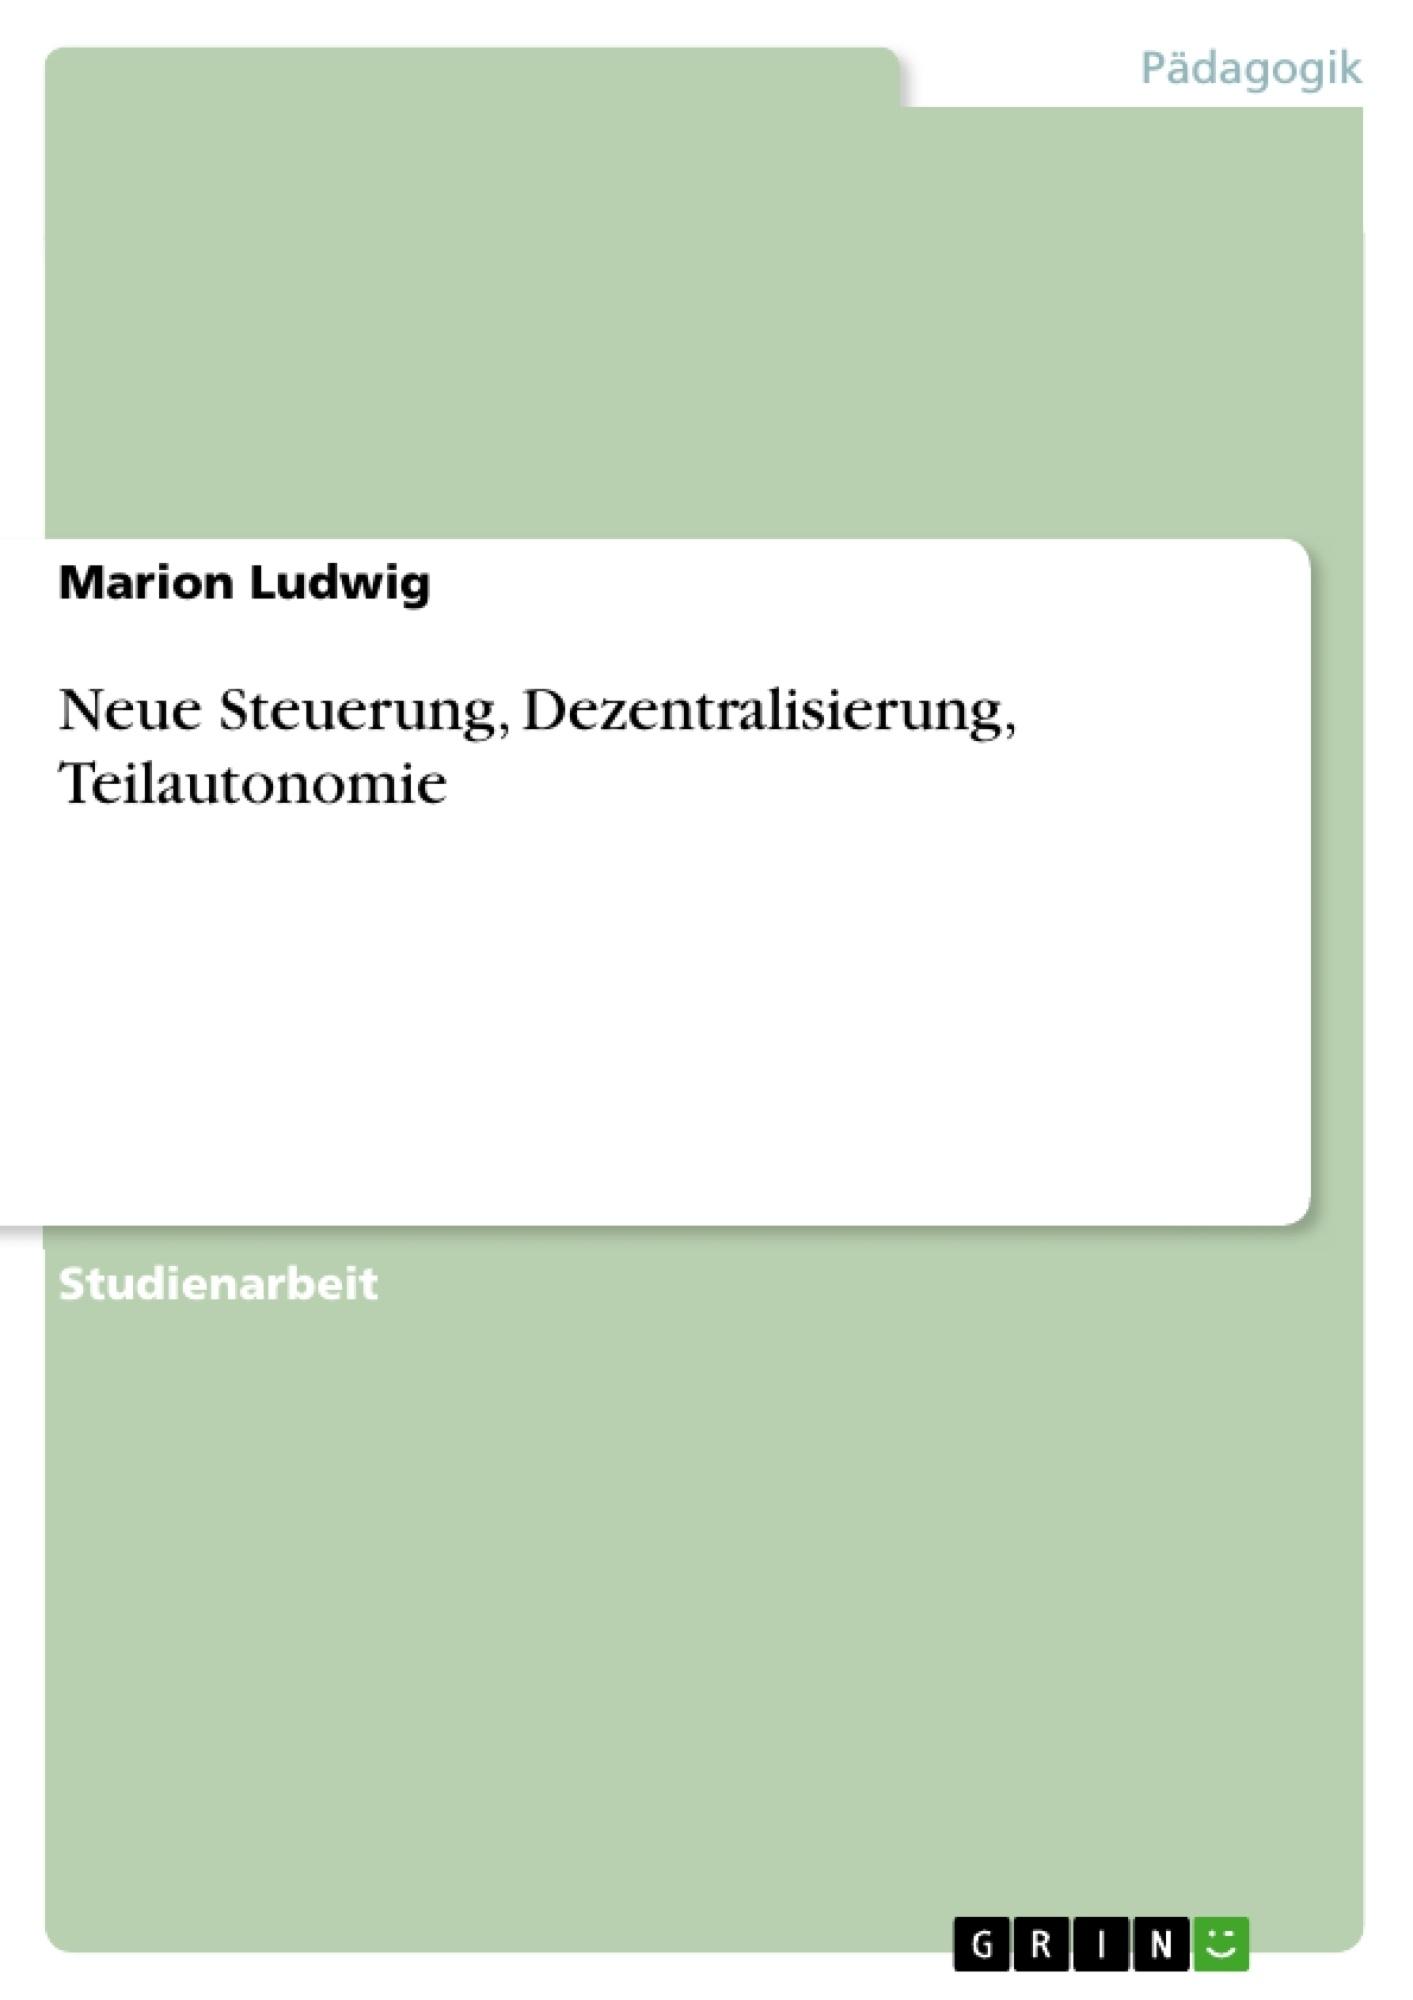 Titel: Neue Steuerung, Dezentralisierung, Teilautonomie